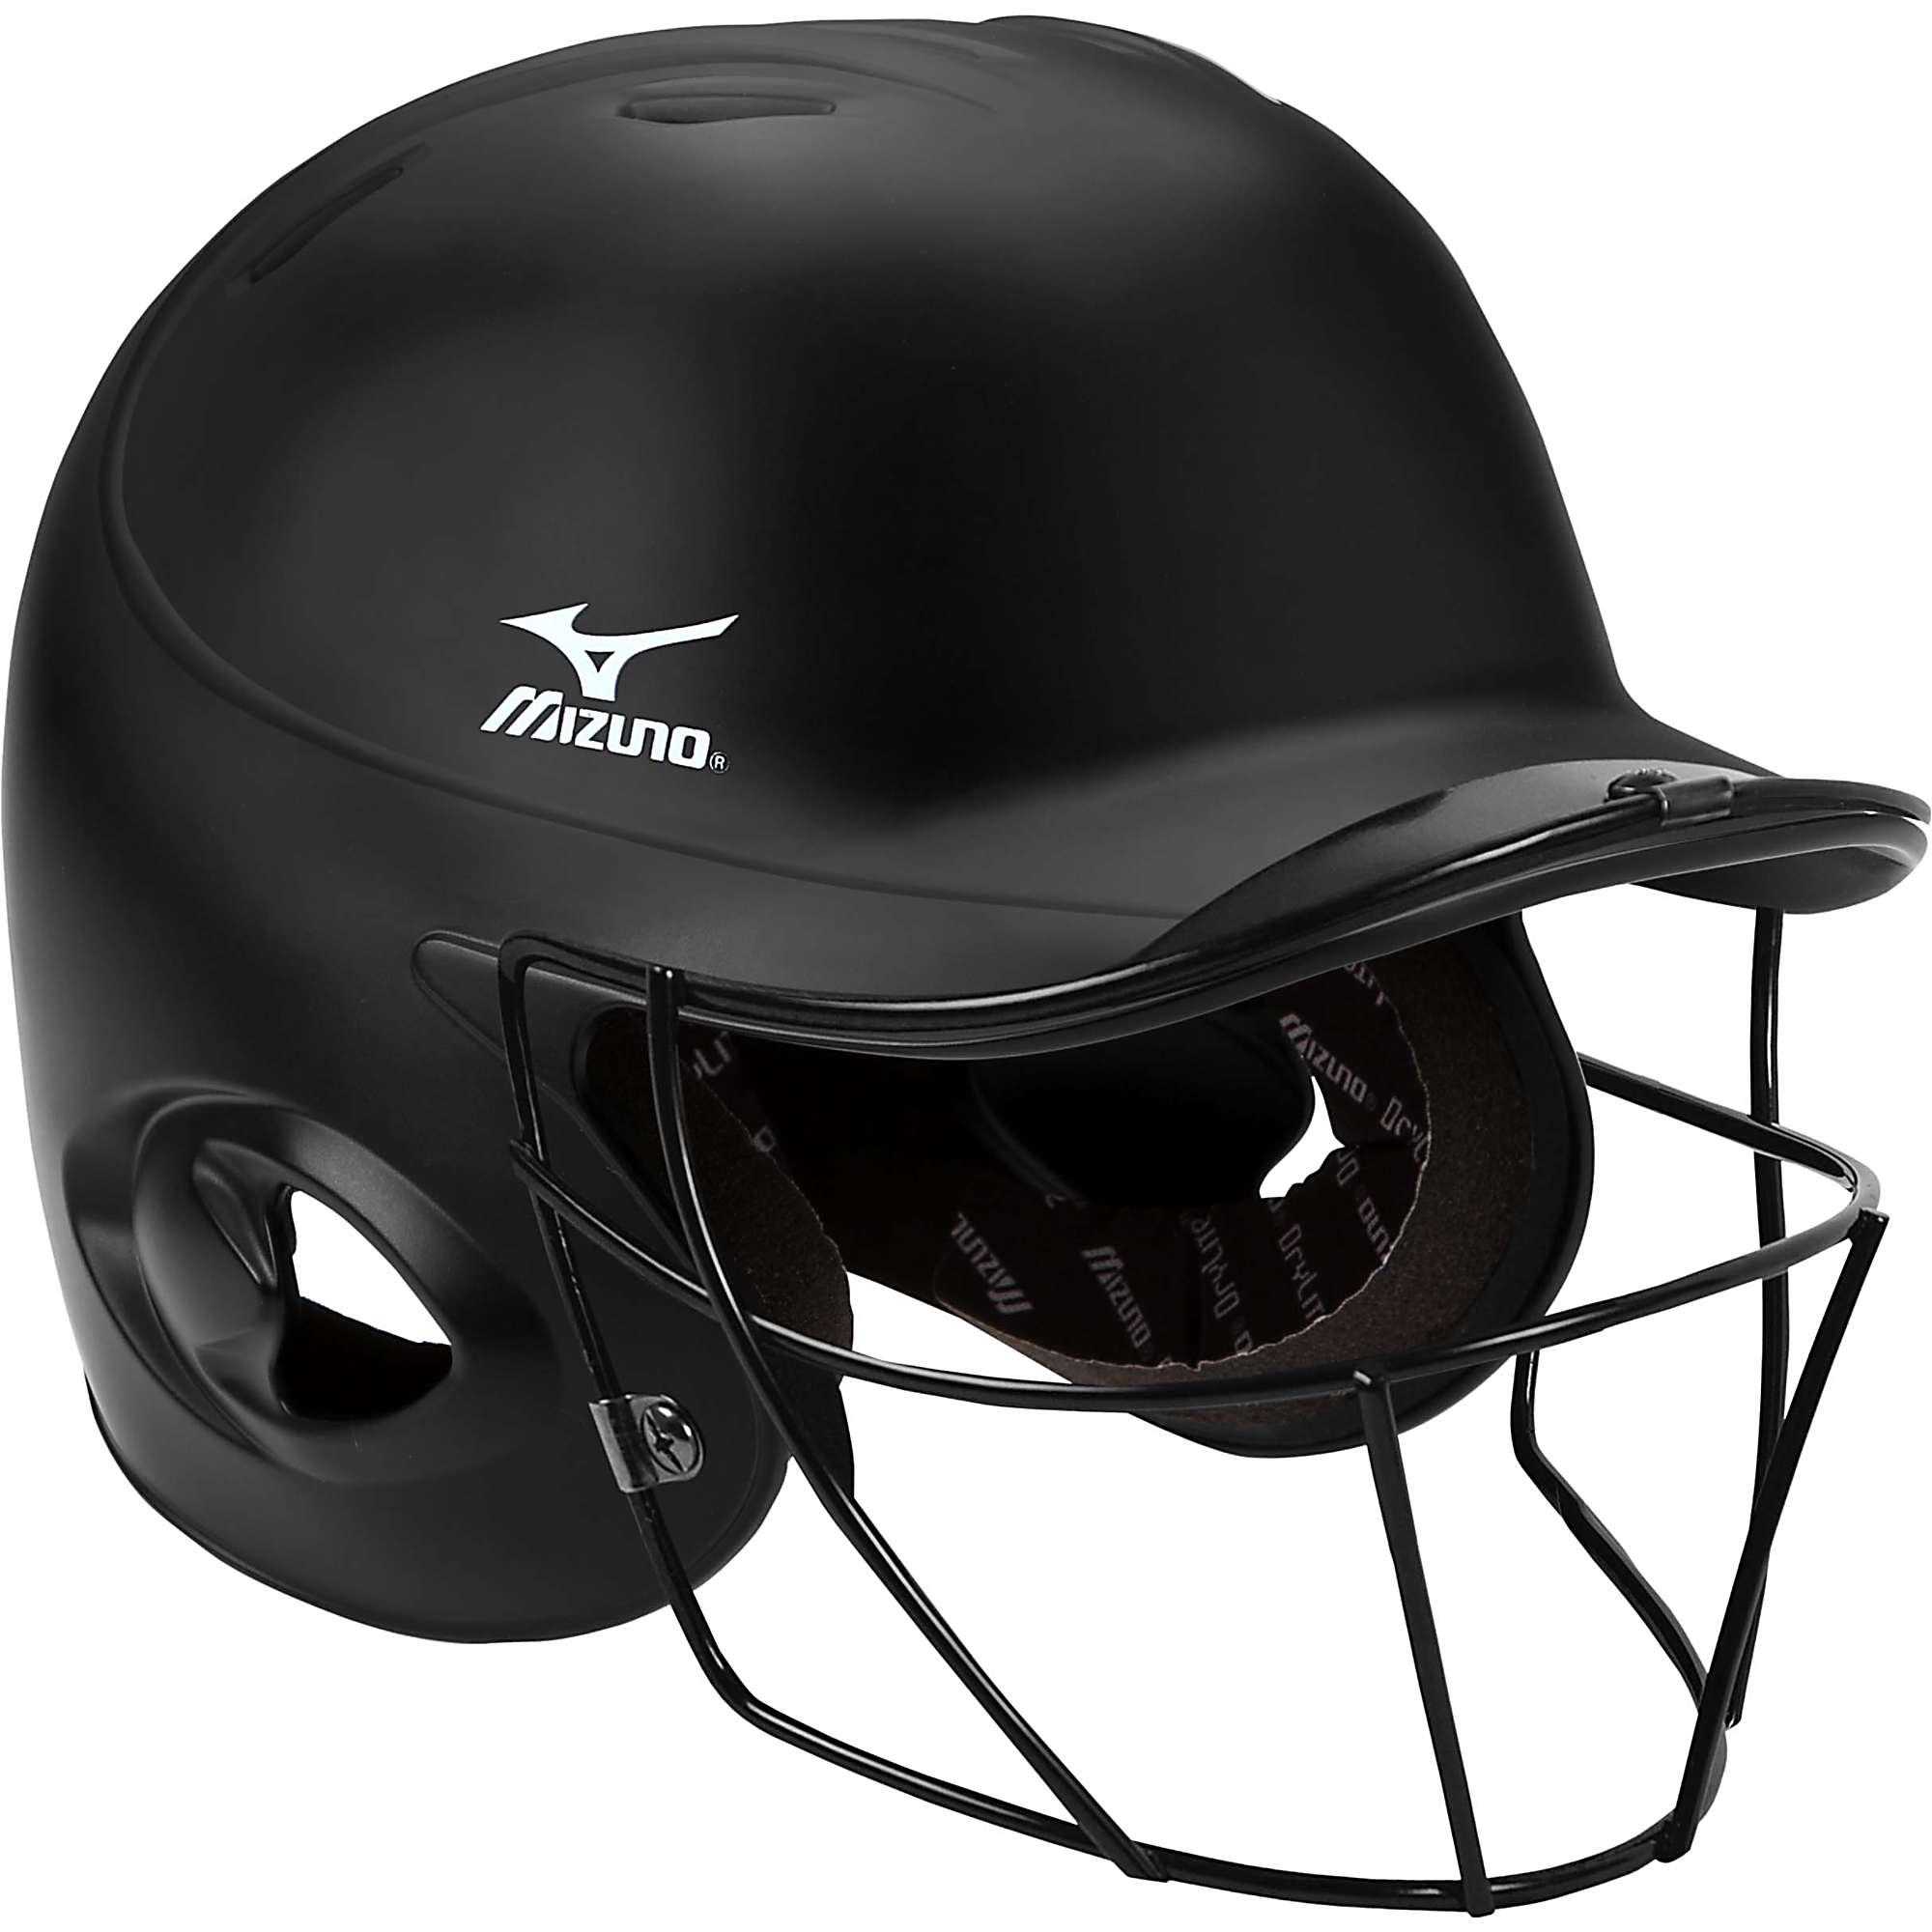 Mizuno Mvp Batting Helmet - For Sale Classifieds